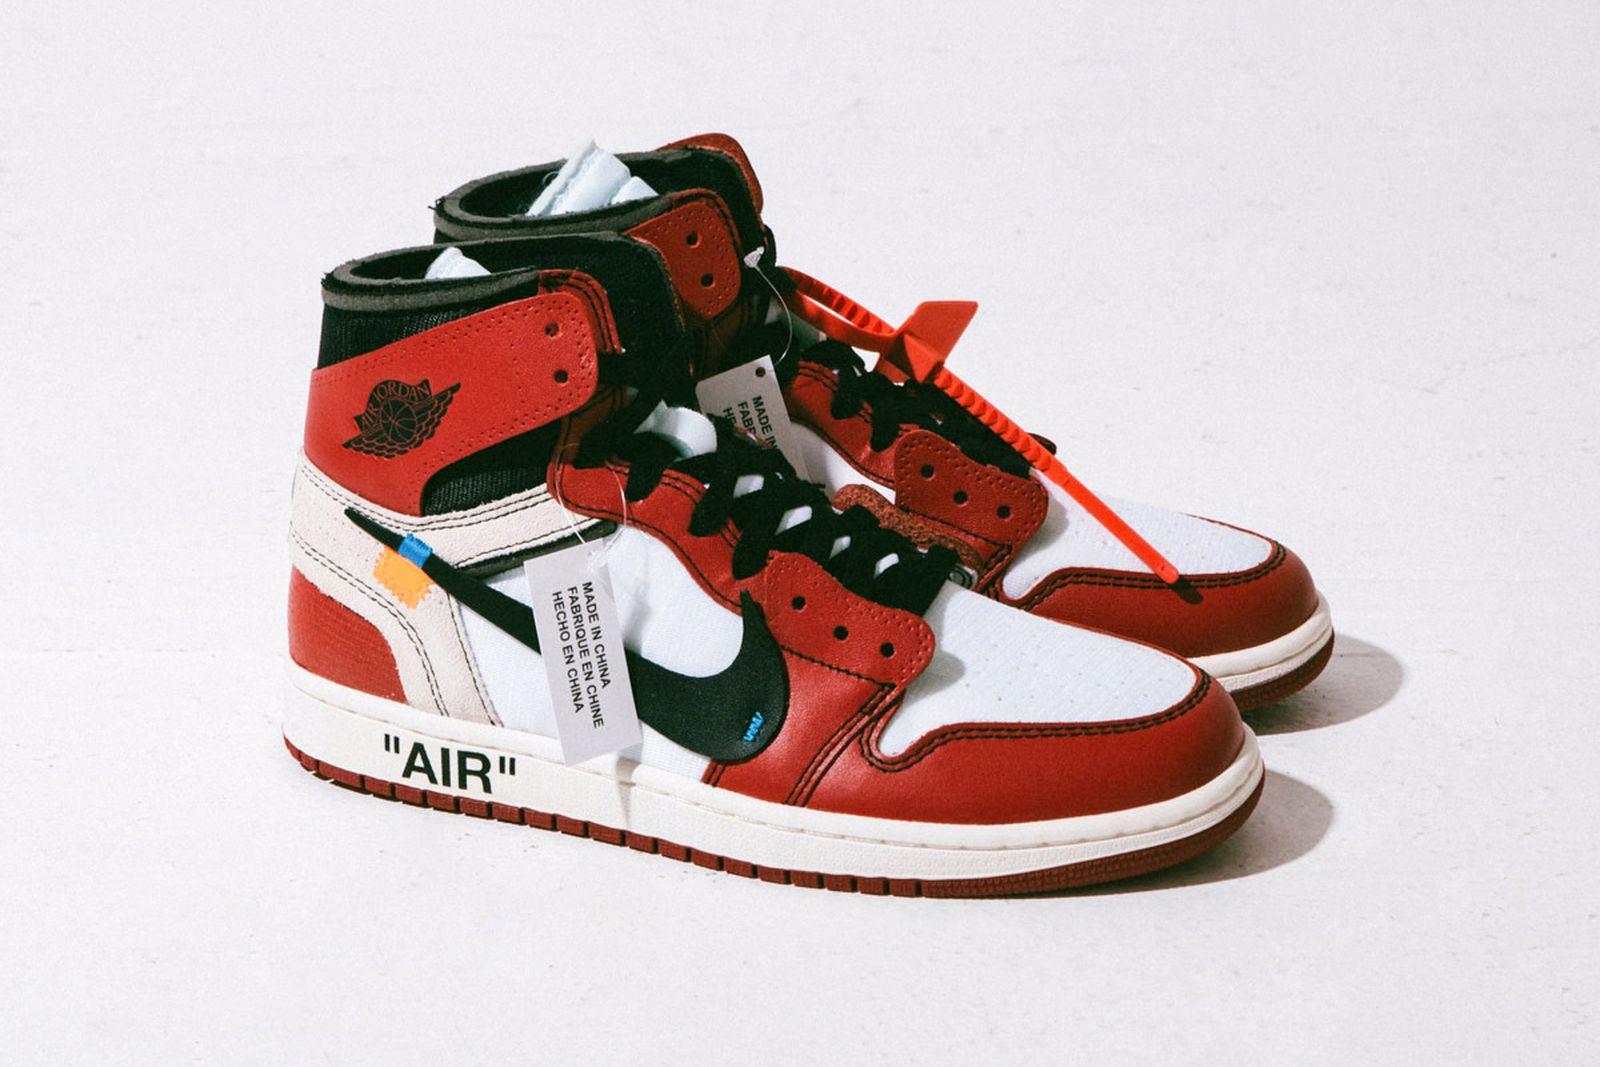 main (18) GOAT Nike The Ten OFF-WHITE c/o Virgil Abloh